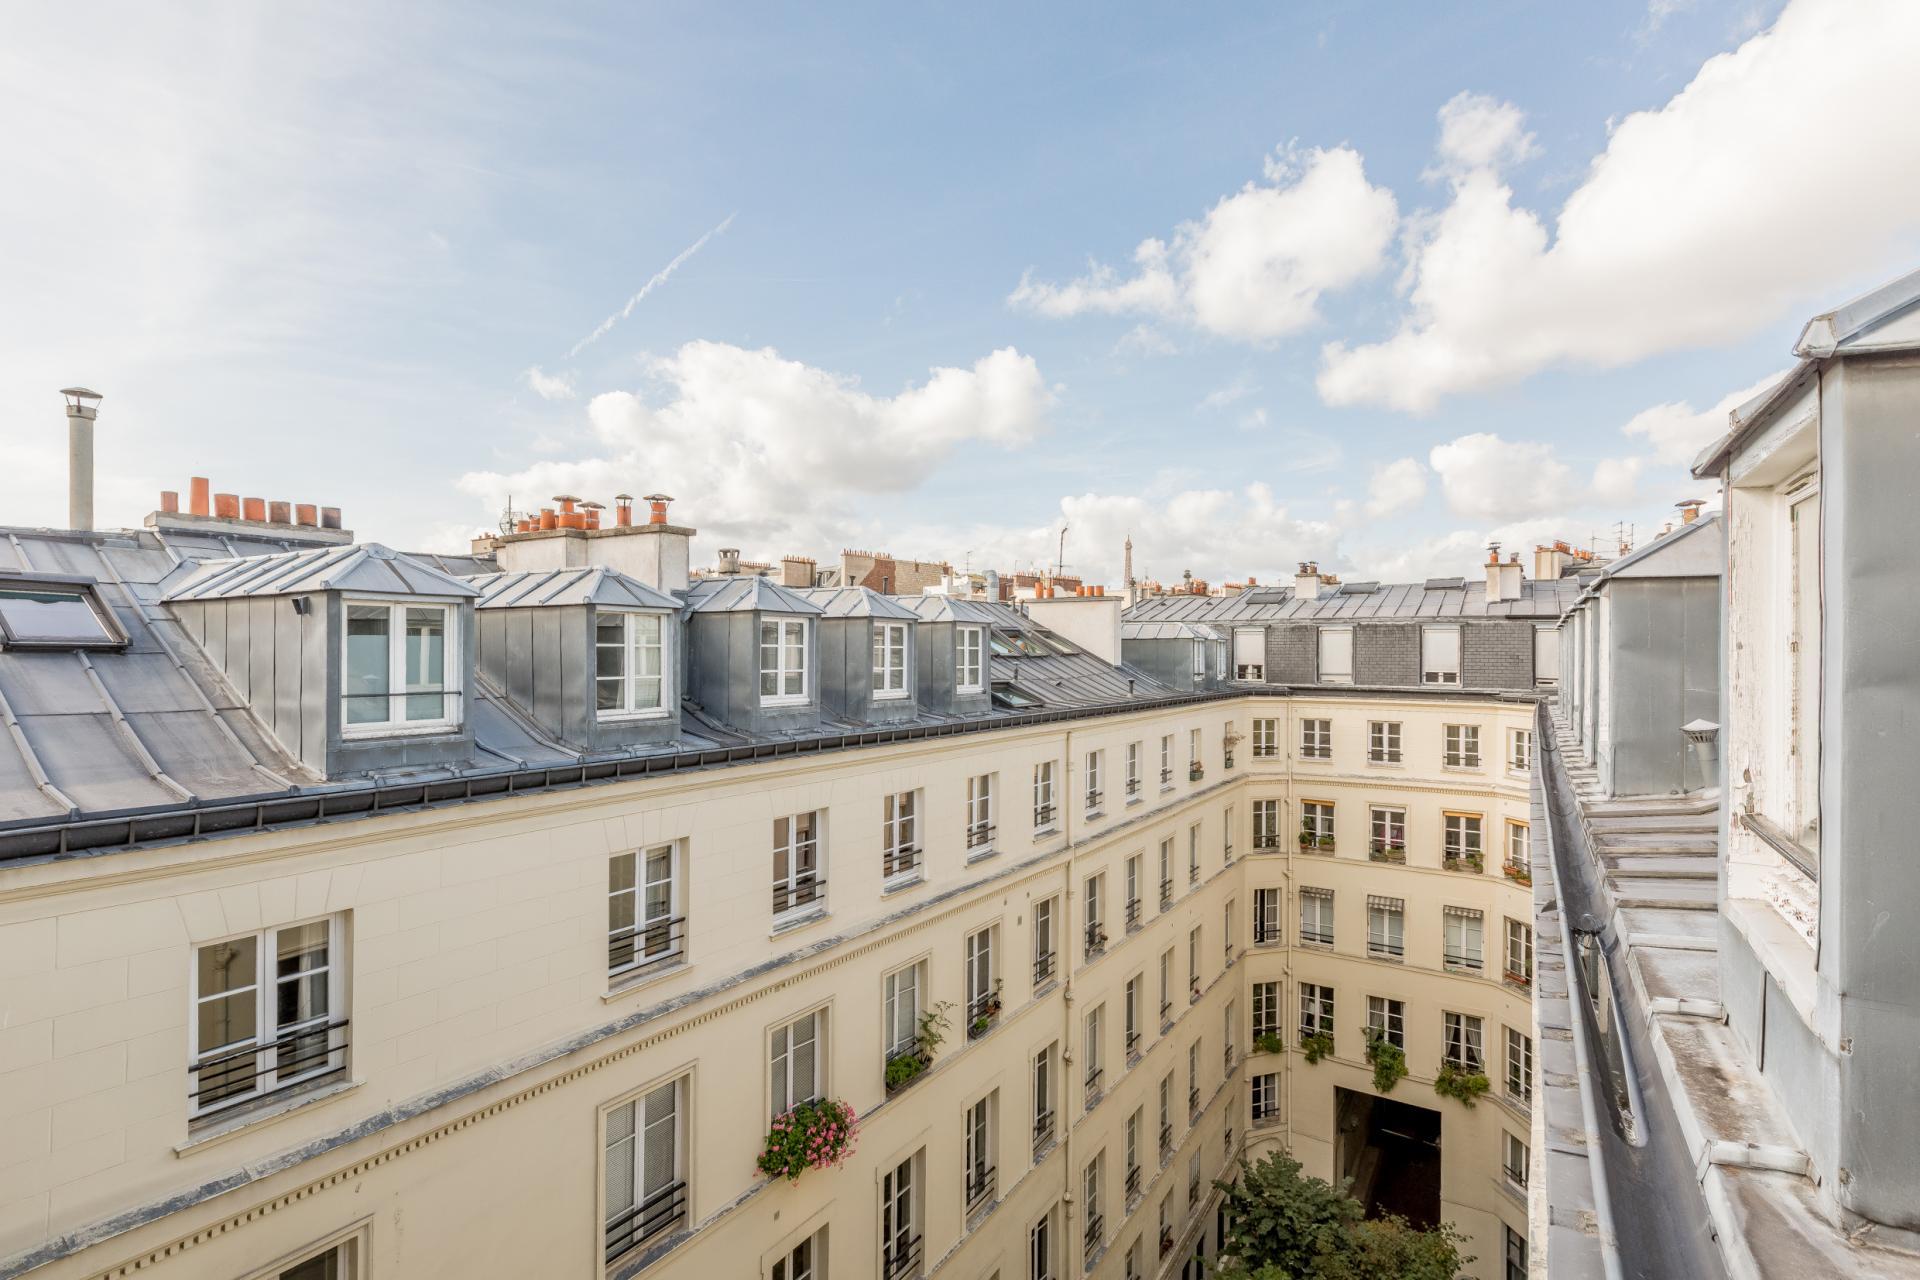 PARIS 6EME - RUE DE SEVRES / DUROC - EXCEPTIONNEL APPARTEMENT DUPLEX